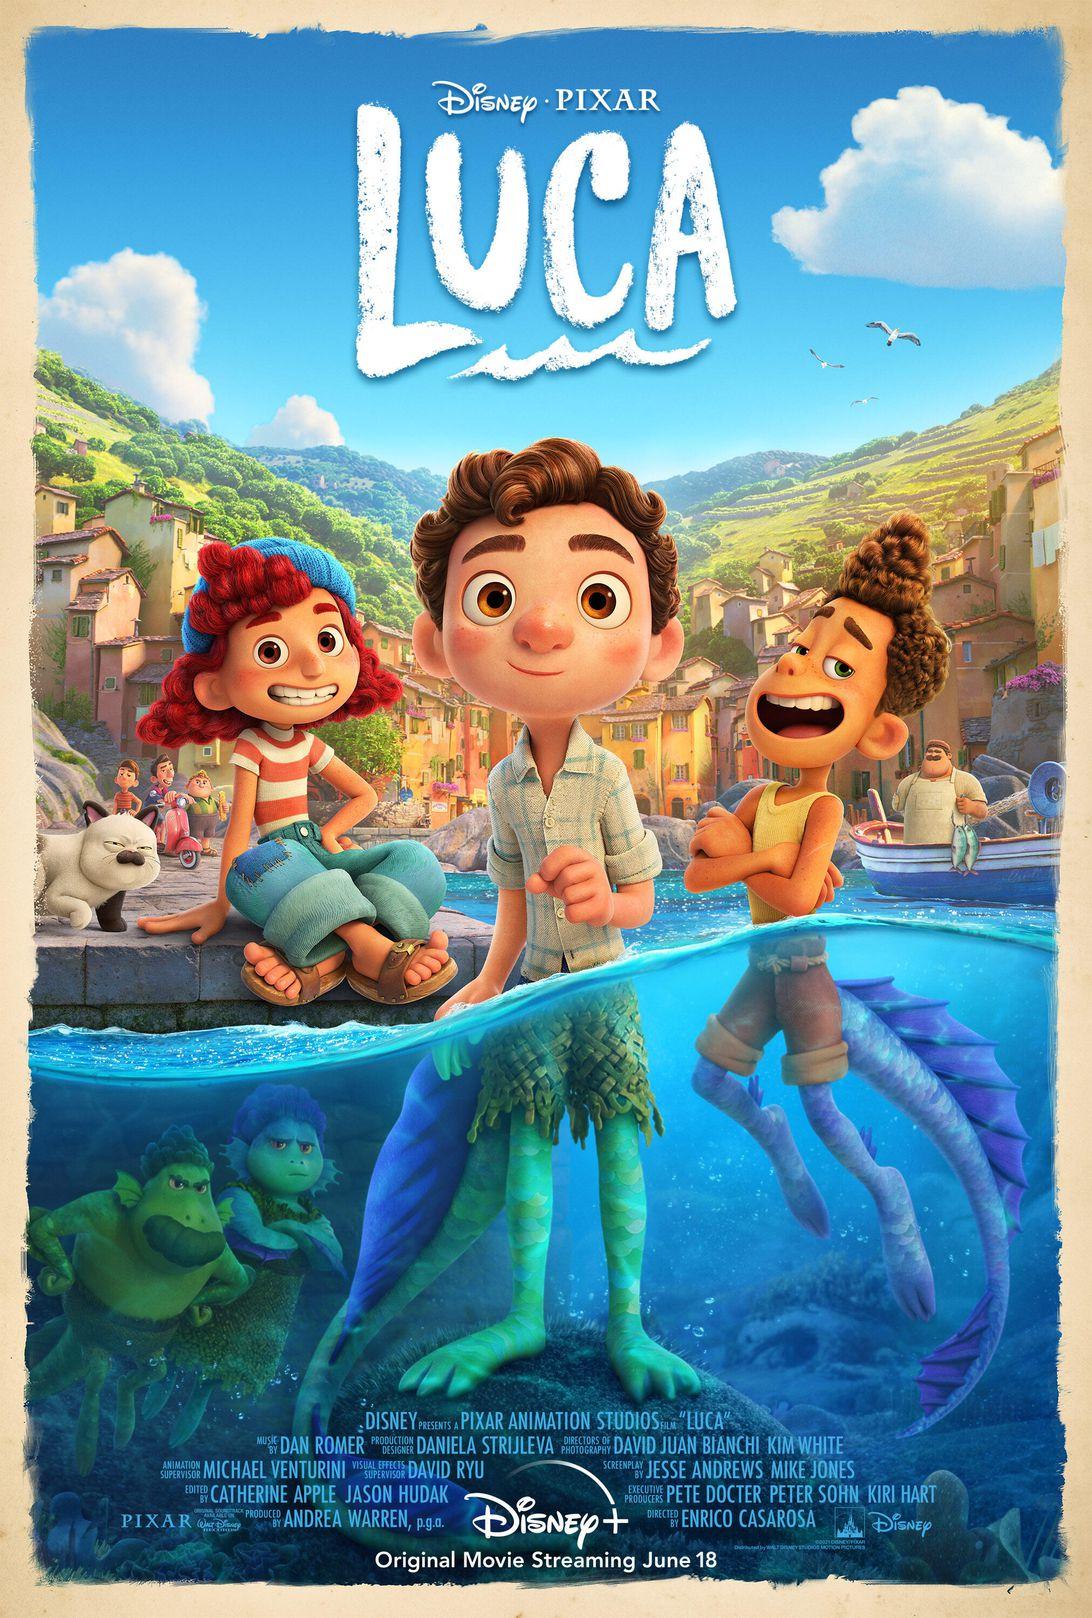 Pixar Luca poster